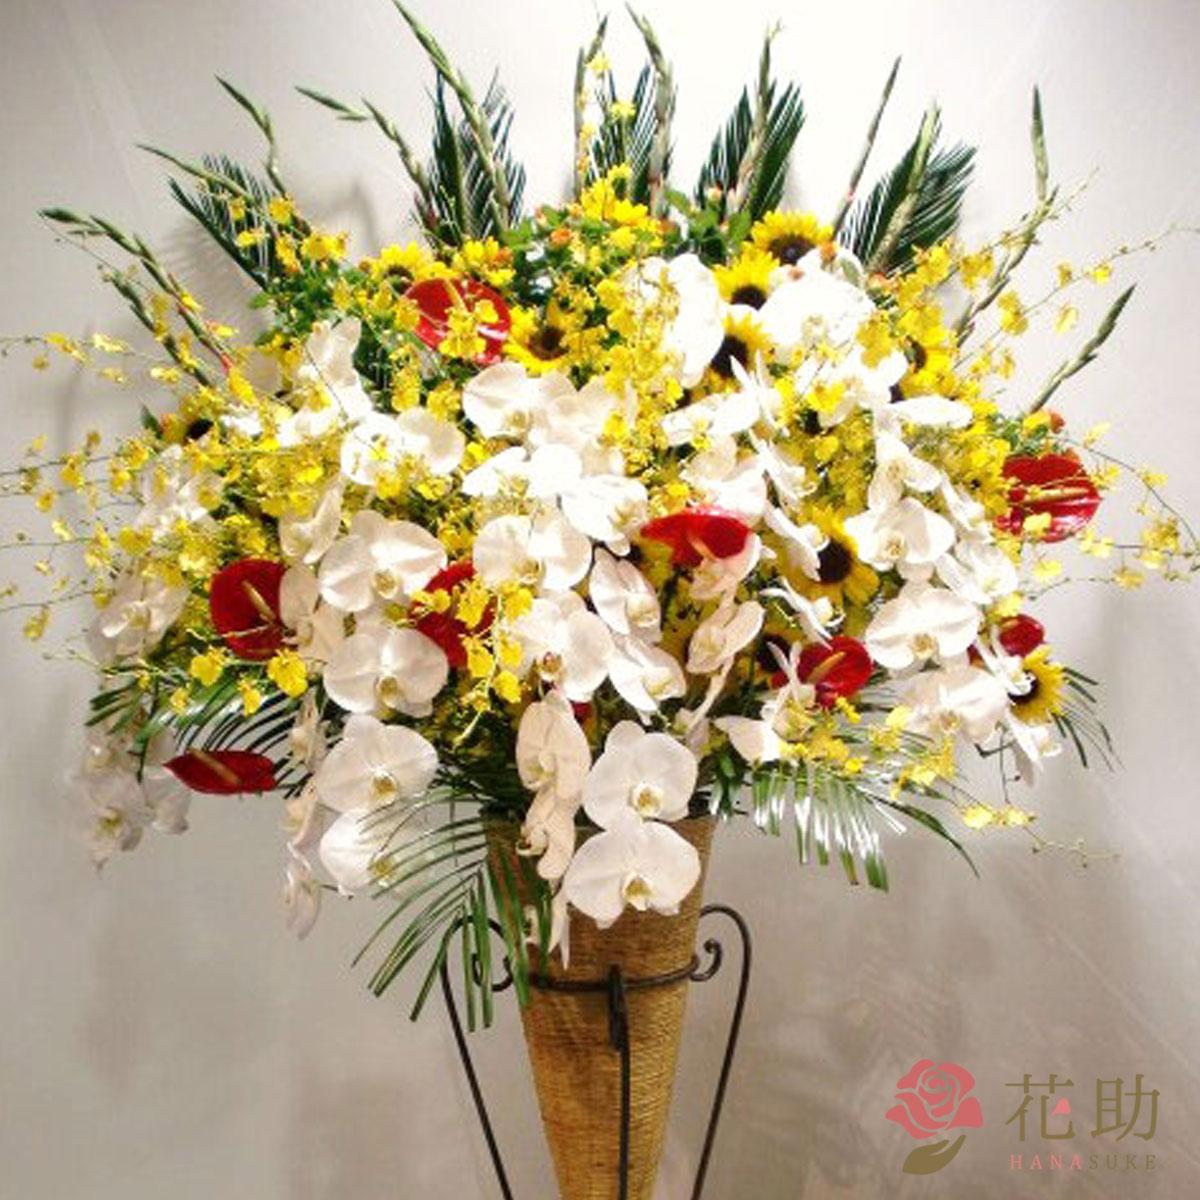 【スタンド花】フラワーコンシェルジュが厳選した花屋のお祝いスタンド花1段 55000円 【あす楽対応】【楽ギフ_メッセ入力】送料無料、即日配達